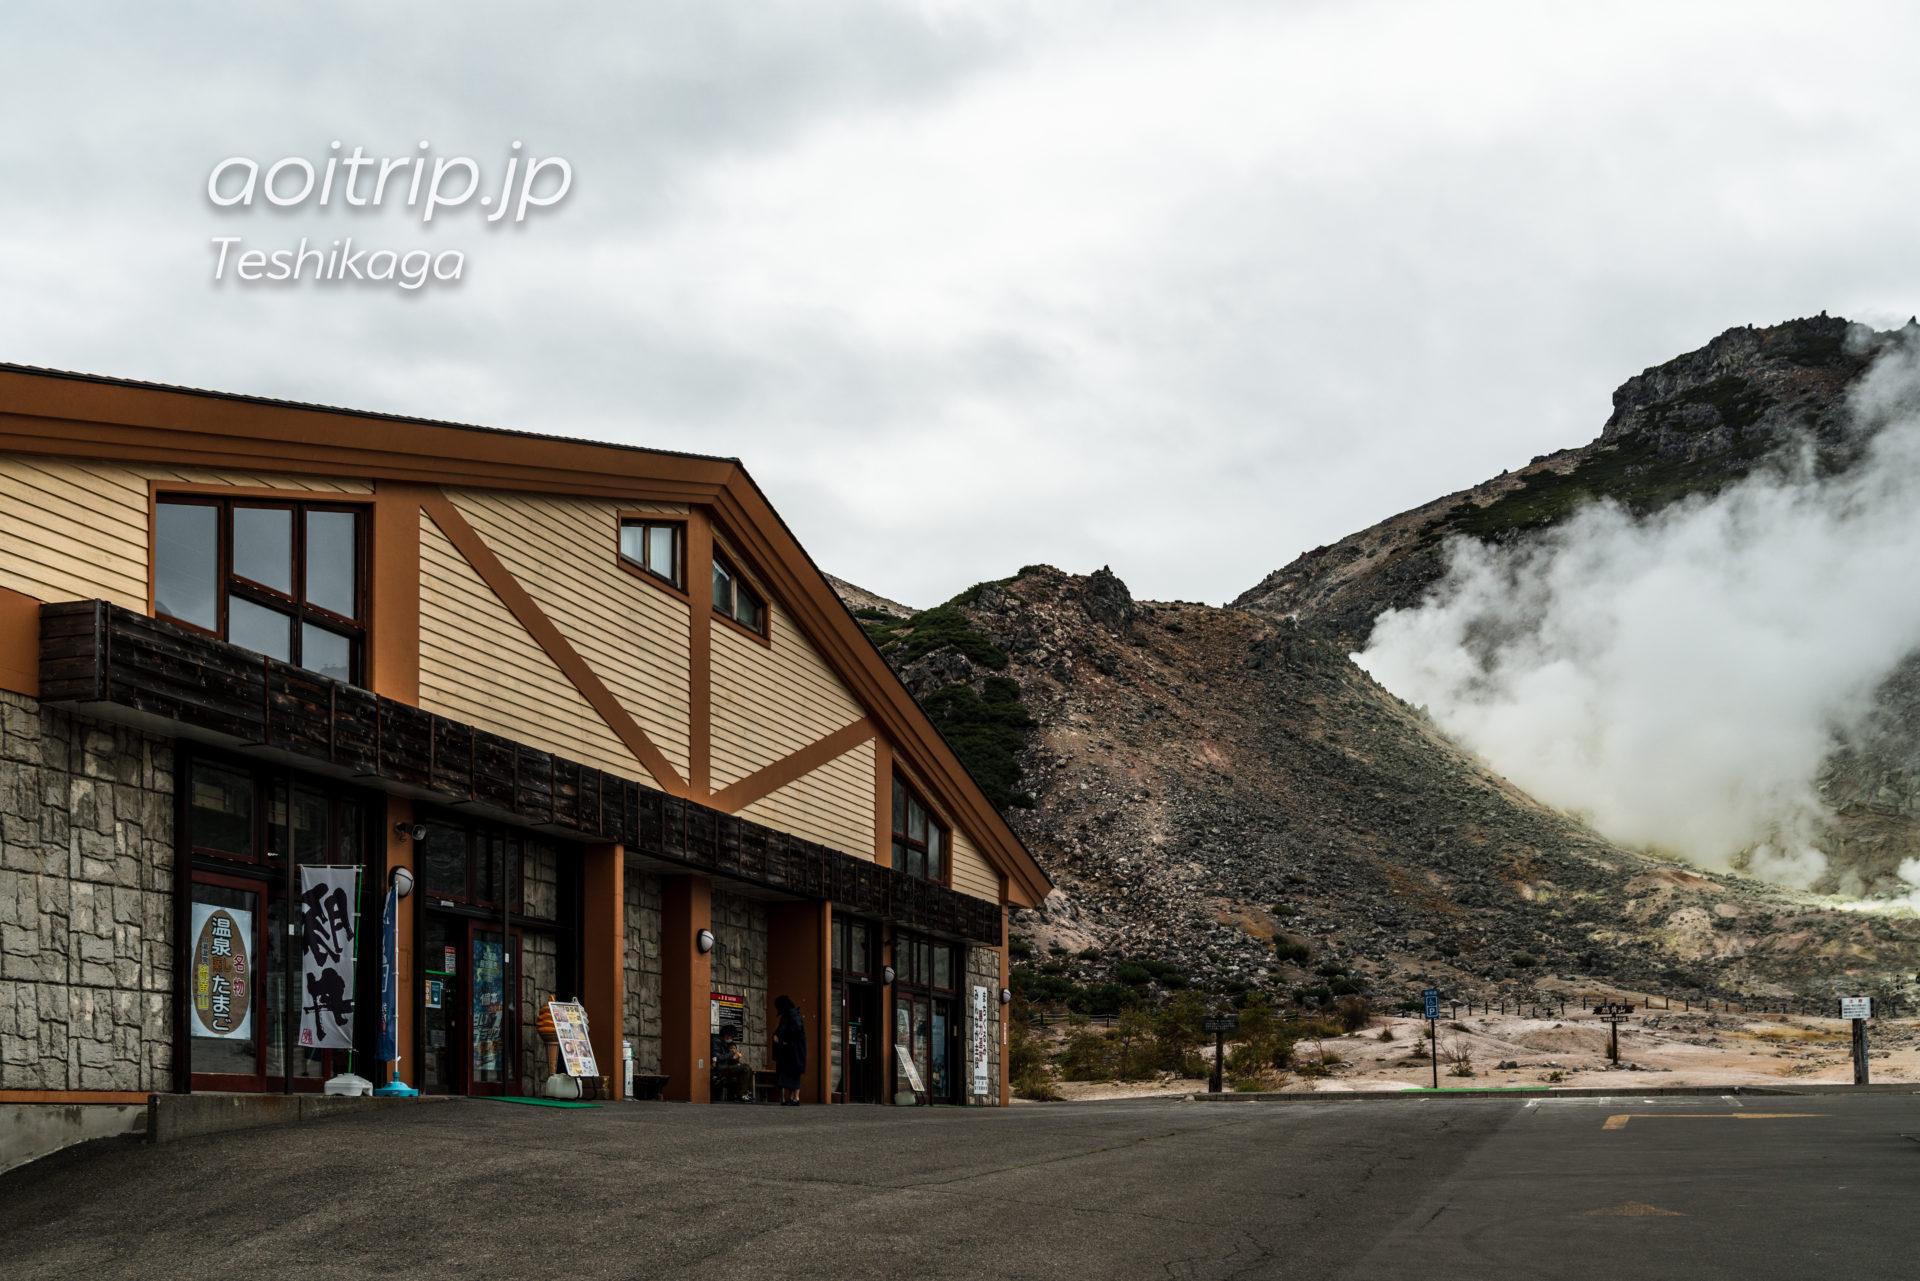 アトサヌプリ(硫黄山)のレストハウス